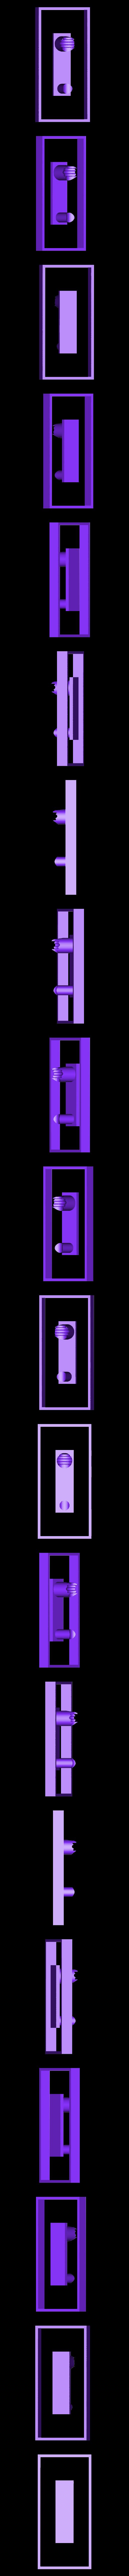 16d-peg-mbox-extractor.stl Download free STL file Violin • 3D print design, jteix